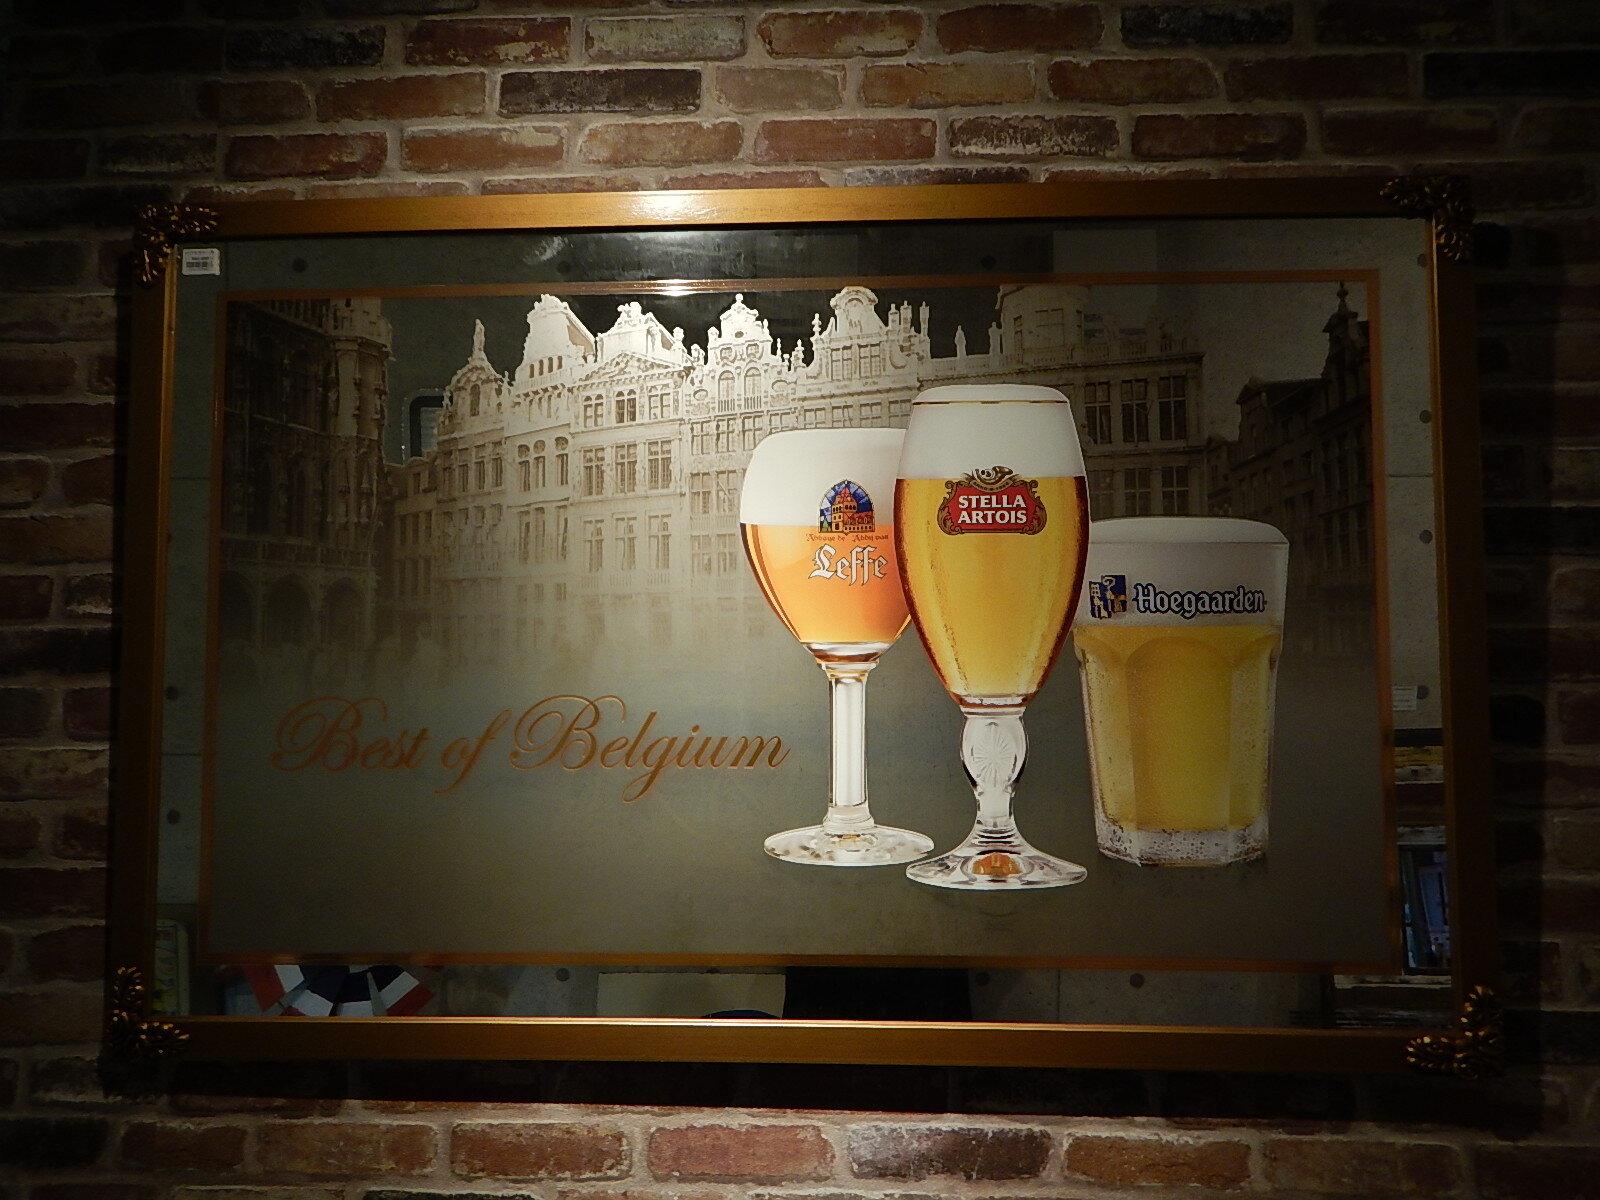 品番0067 新品 パブミラー 特大サイズ Best of Belgium ベルギー アウトプット品 011